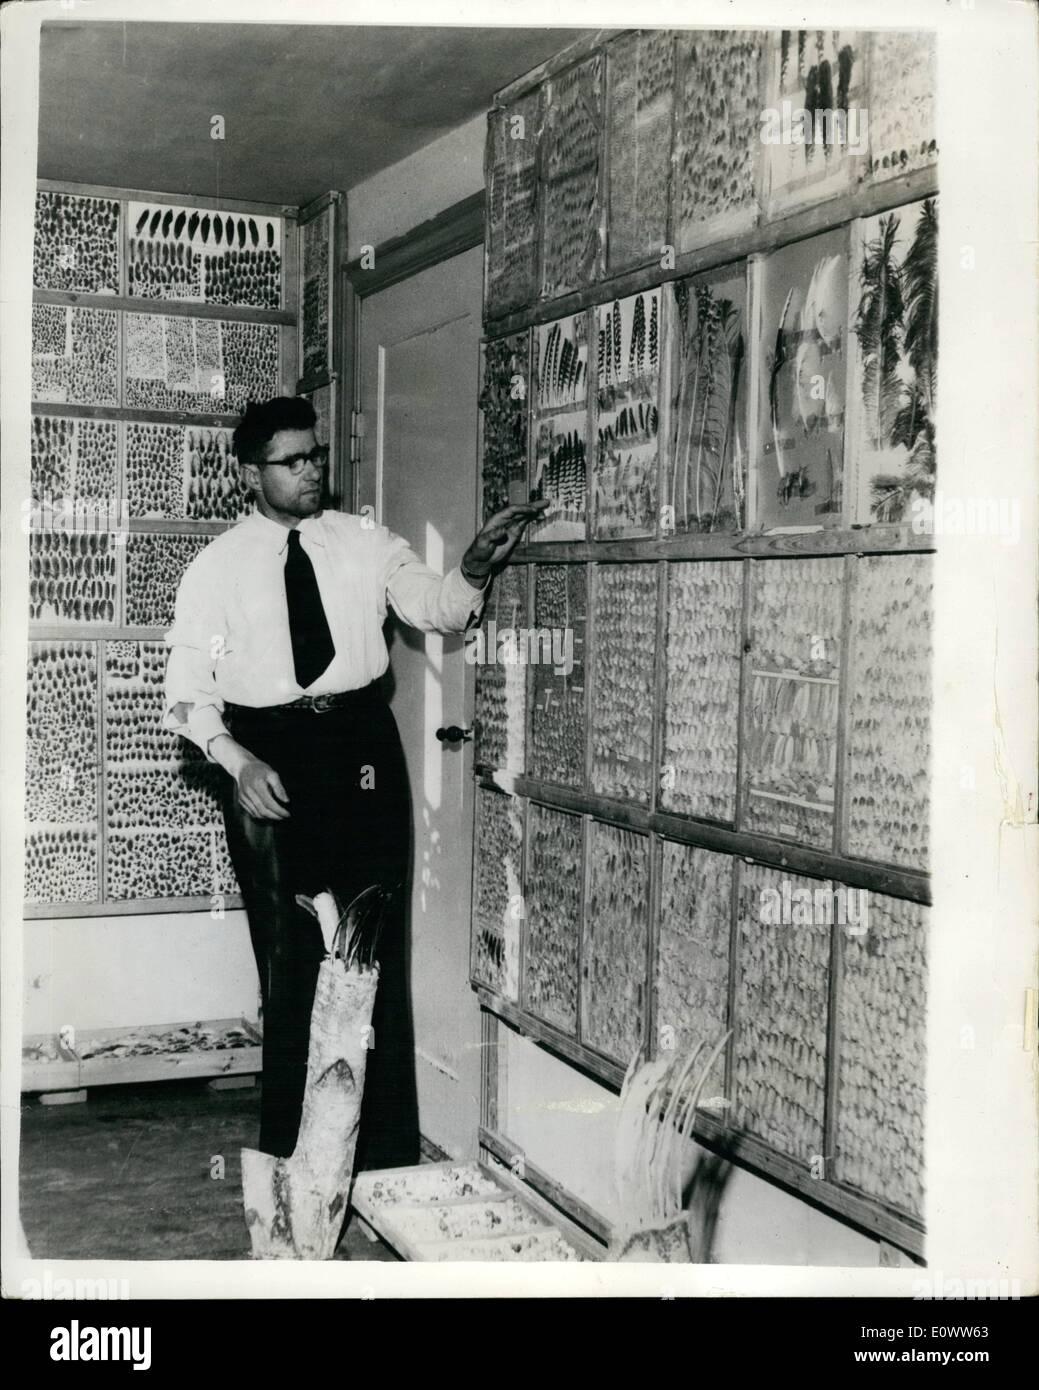 10. März 1964 - 03.10.64 The Feather man 37 Jahr alt Herluf Hansen zurückgezogen hat, von der Landwirtschaft, weil er machen kann, ein viel besseres Leben aus Federn zu sammeln. Das mag ungewöhnlich erscheinen, aber Herluf, der in Dänemark lebt, sammelte 25 Millionen Federn, von denen er etwa 10 Millionen auf der ganzen seines Hauses eingefügt hat. Viele Menschen kommen in sein Haus, den ungewöhnlichen Anblick zu sehen, und natürlich zahlen sie für die Zulassung, die ist, wie er ein Leben macht. Er hat seinen Anblick auf einer Gesamtfläche von 100 Millionen gesetzt. Stockbild